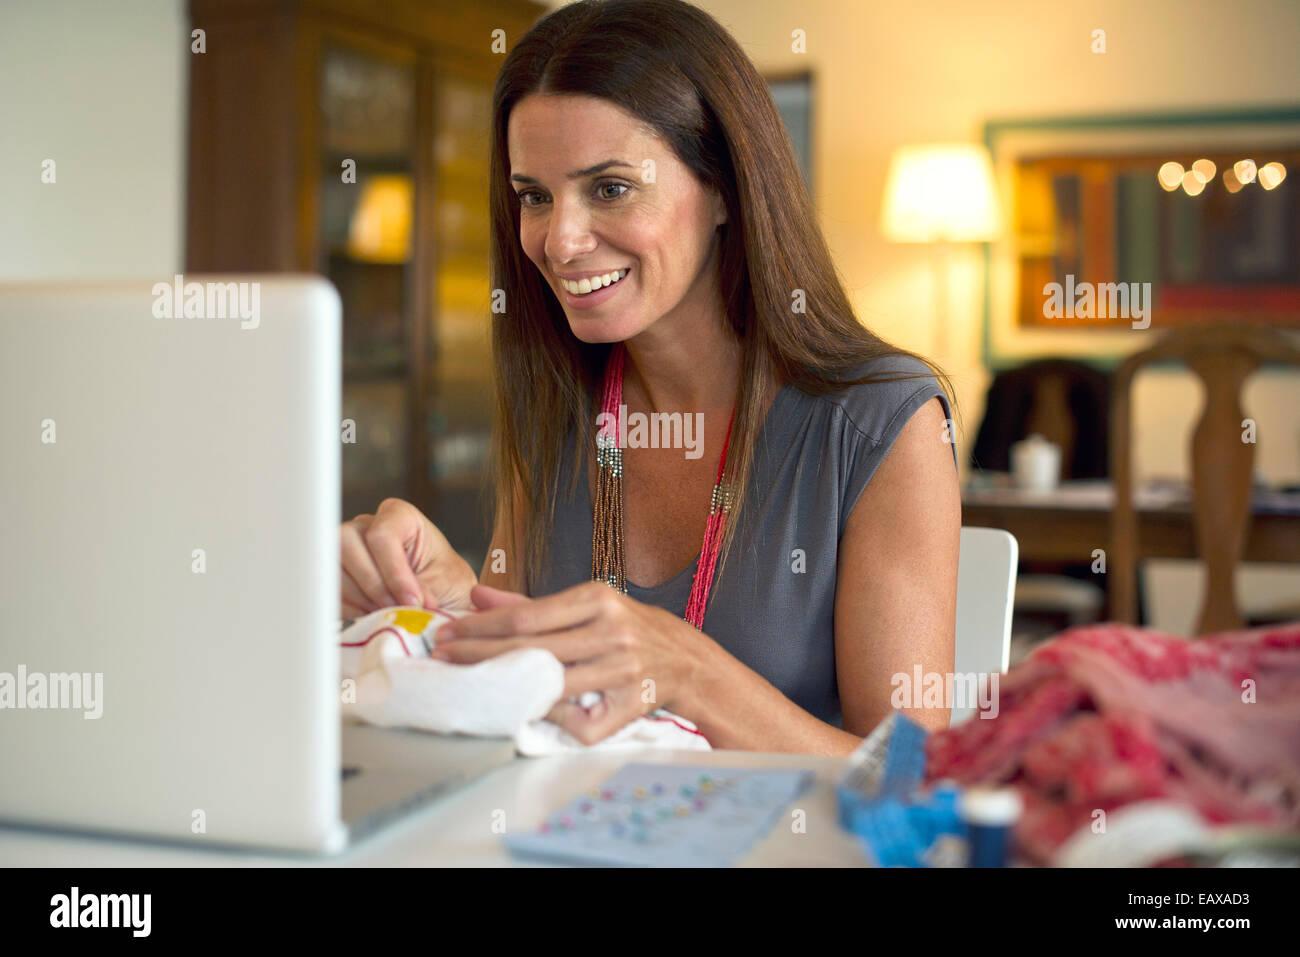 Mujer mirando su ordenador portátil mientras cosen Foto de stock